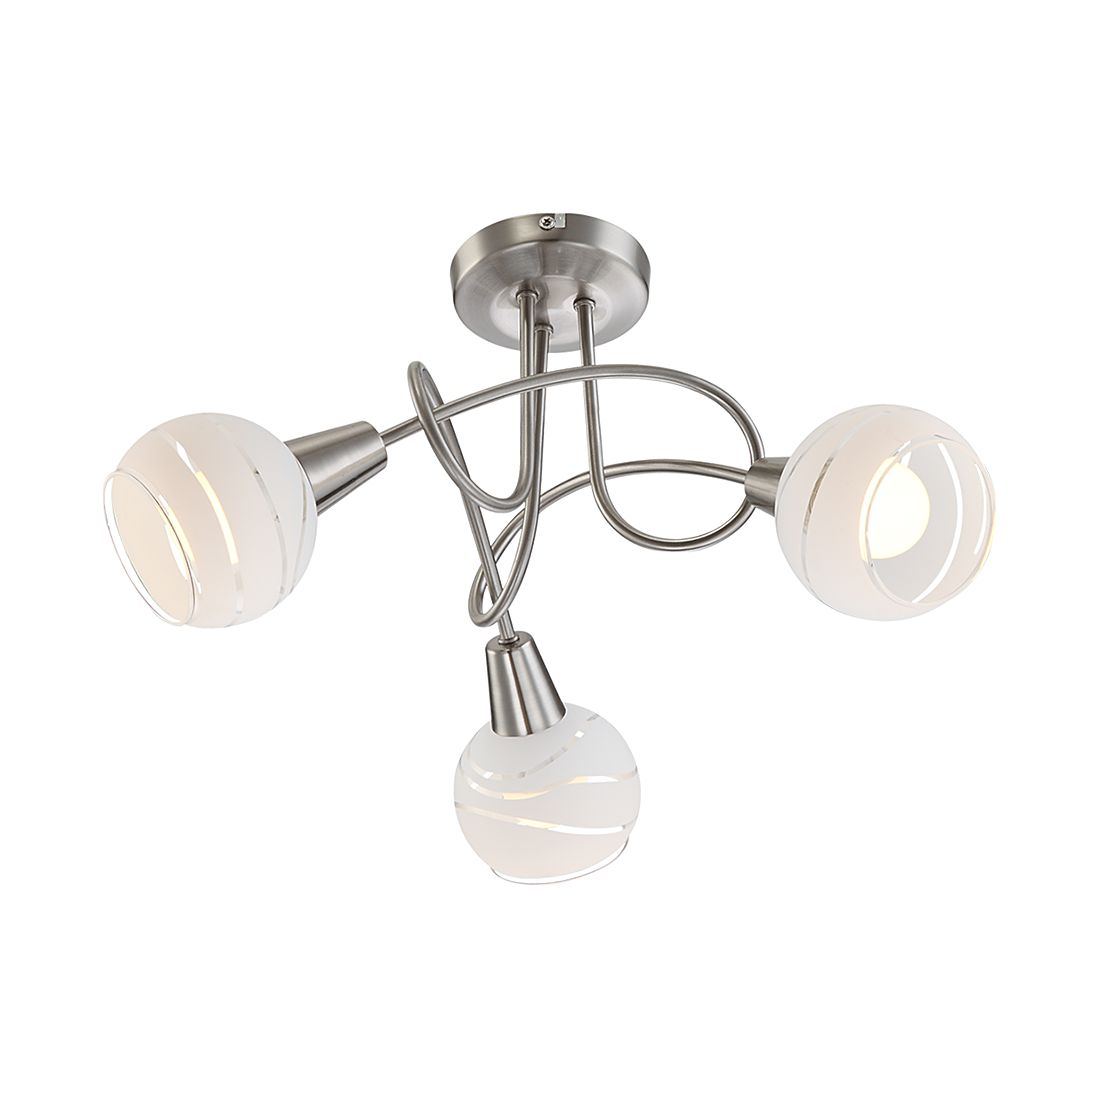 EEK A++, Deckenleuchte ELLIOTT – Nickel/Glas – 3-flammig, Globo Lighting online kaufen